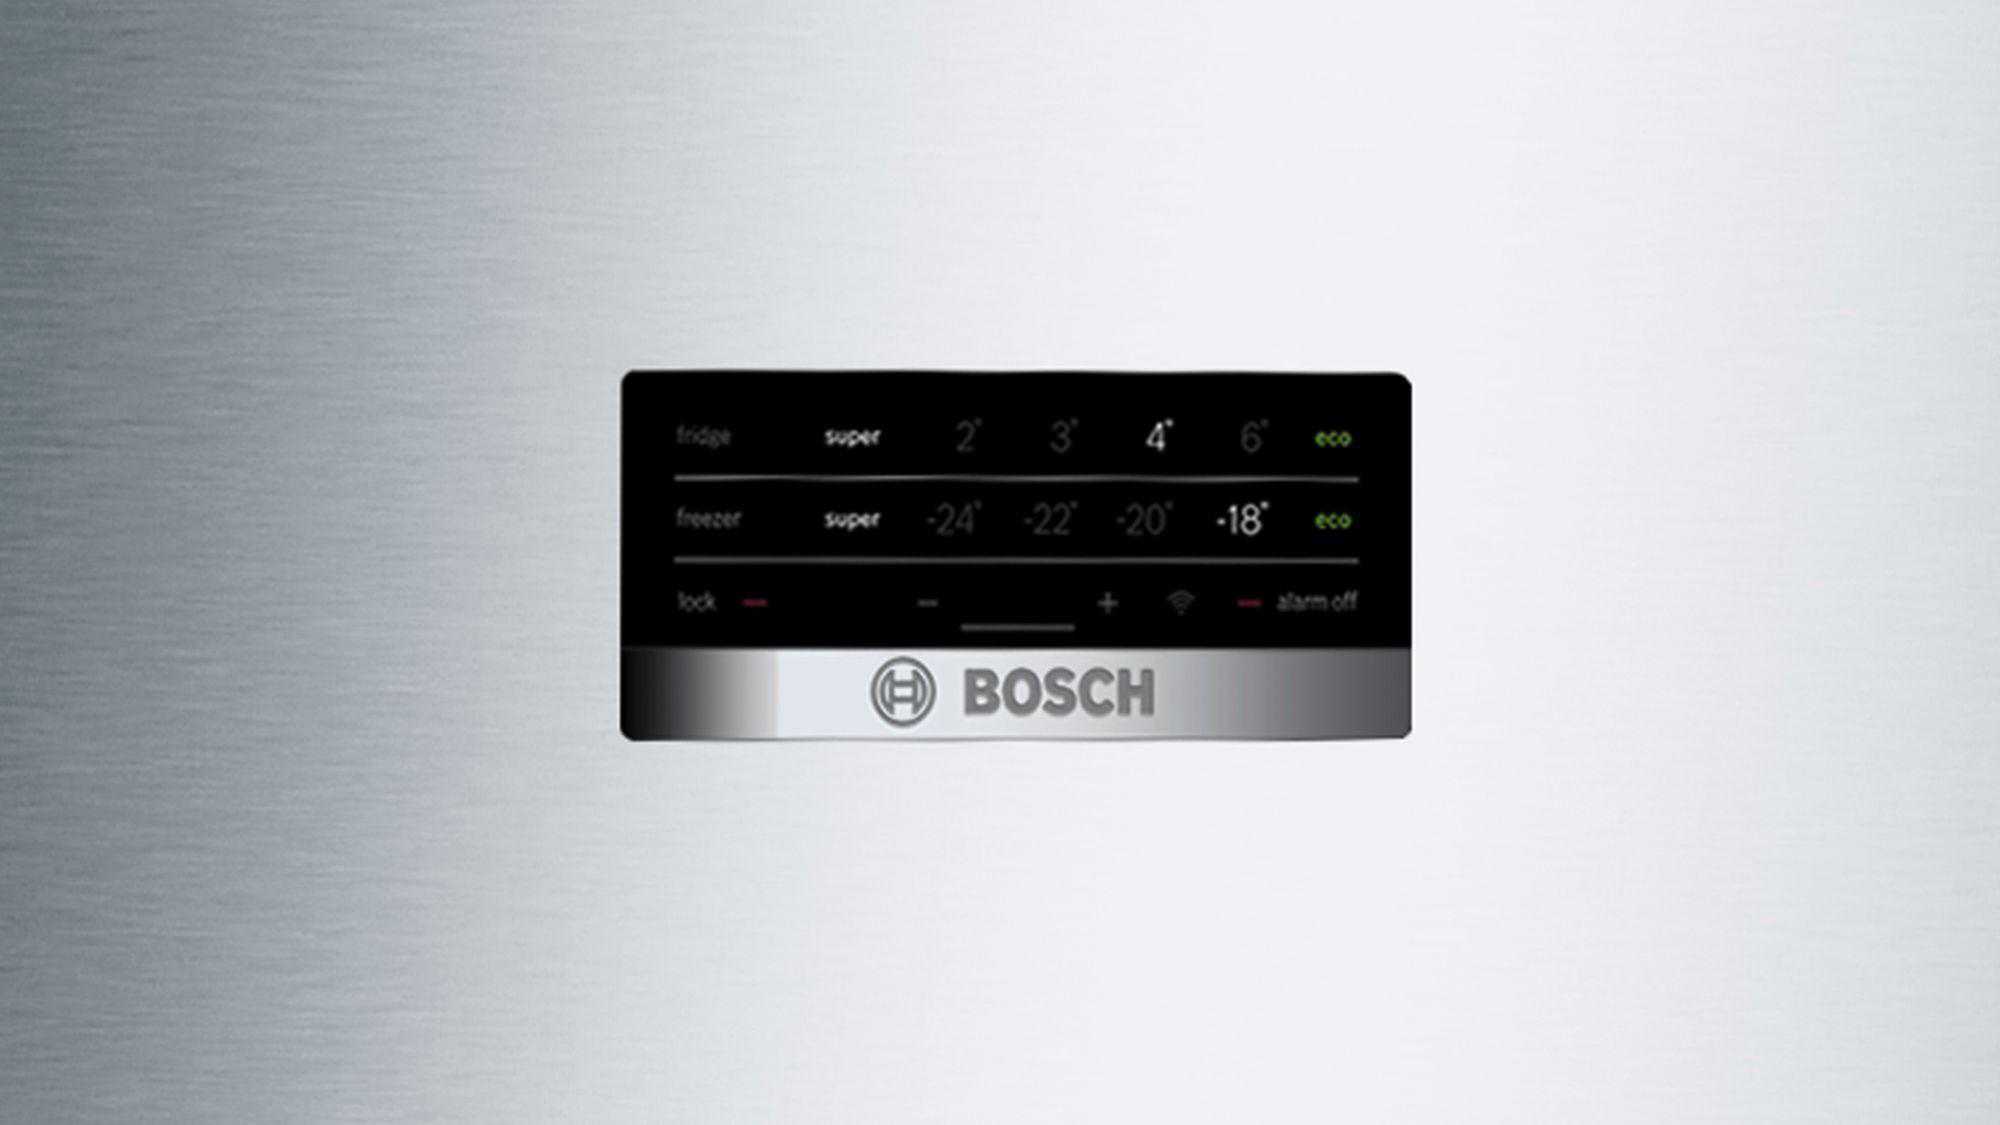 Bosch Kühlschrank Kgn 33 48 : Bosch kühl gefrier kombination türen edelstahl mit anti